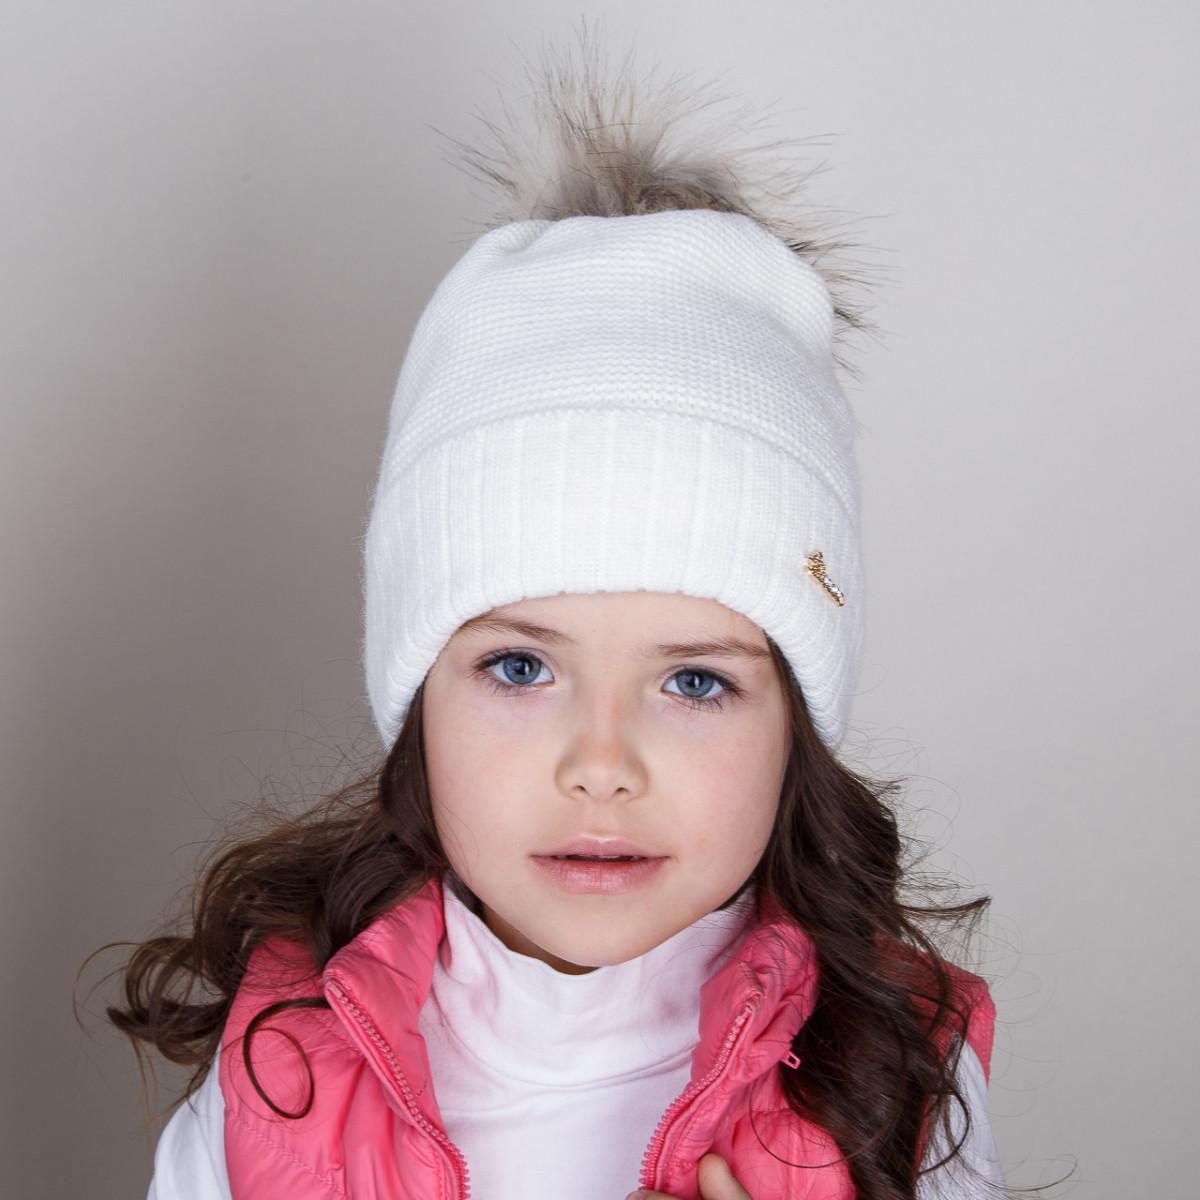 Шапка с меховым помпоном для девочек на зиму - Артикул pd-5